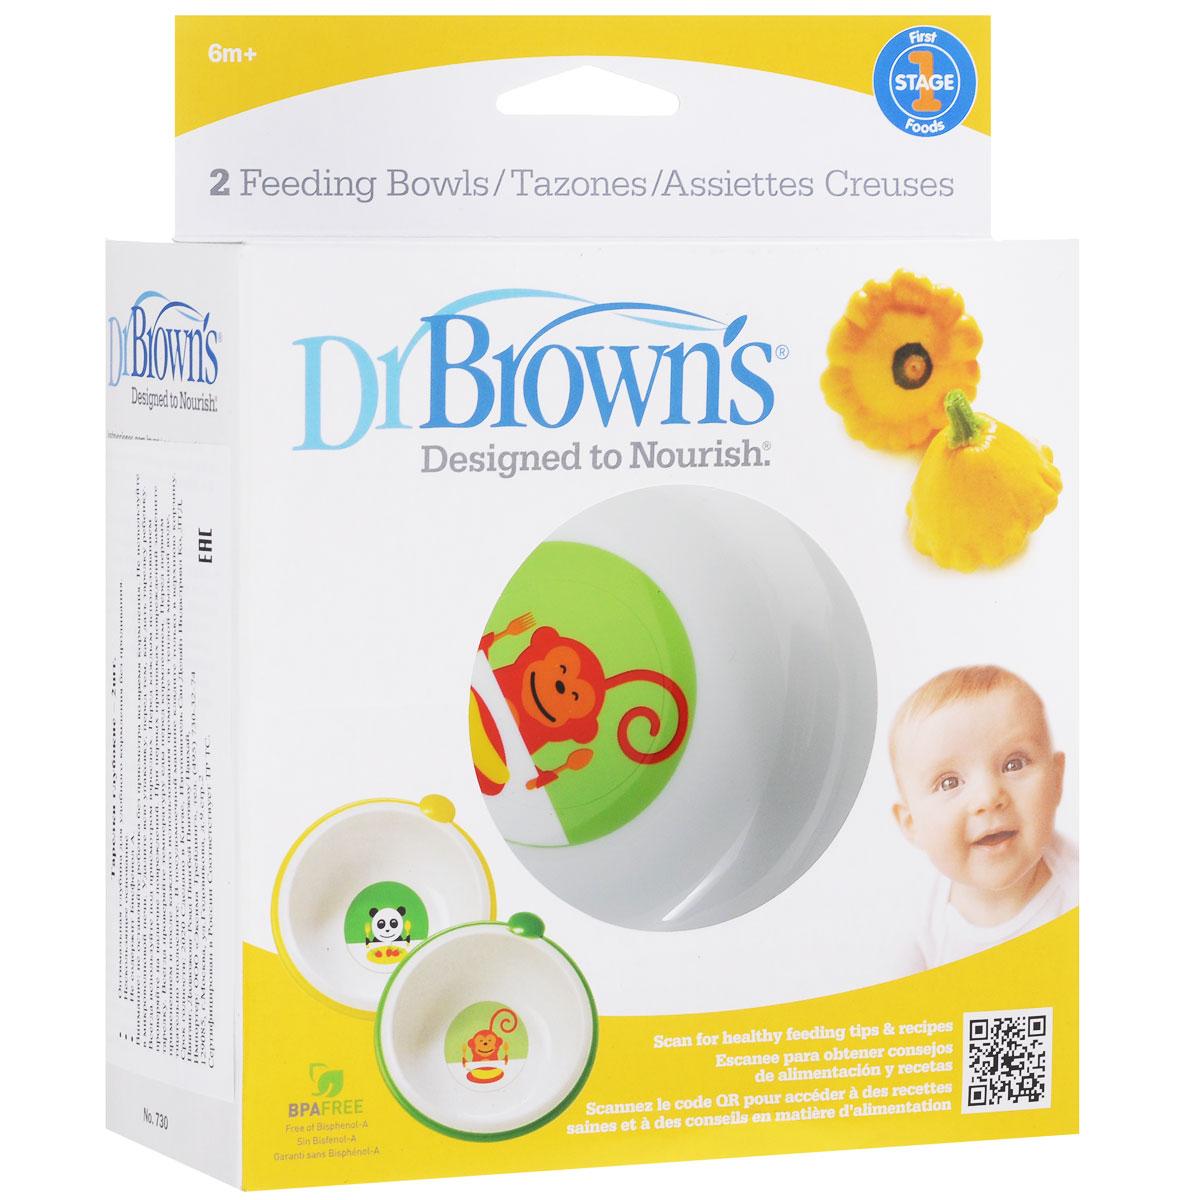 Набор детских тарелок Dr.Browns, диаметр 14 см, 2 шт730_белая/обезьянаНабор Dr.Browns, изготовленные из прочного и безопасного полипропилена, включает в себя две глубокие тарелочки. Изделия не содержат бисфенол А и оформлены рисунком с изображениями симпатичных зверюшек. С помощью этого набора ваш малыш может легко научиться есть самостоятельно. Тарелки эргономичной формы удобно держать при кормлении малыша. Нескользящая основа предохраняет тарелки от случайного скольжения по поверхности стола или скатерти. Тарелки можно мыть в посудомоечной машине. Нельзя использовать в микроволновой печи.